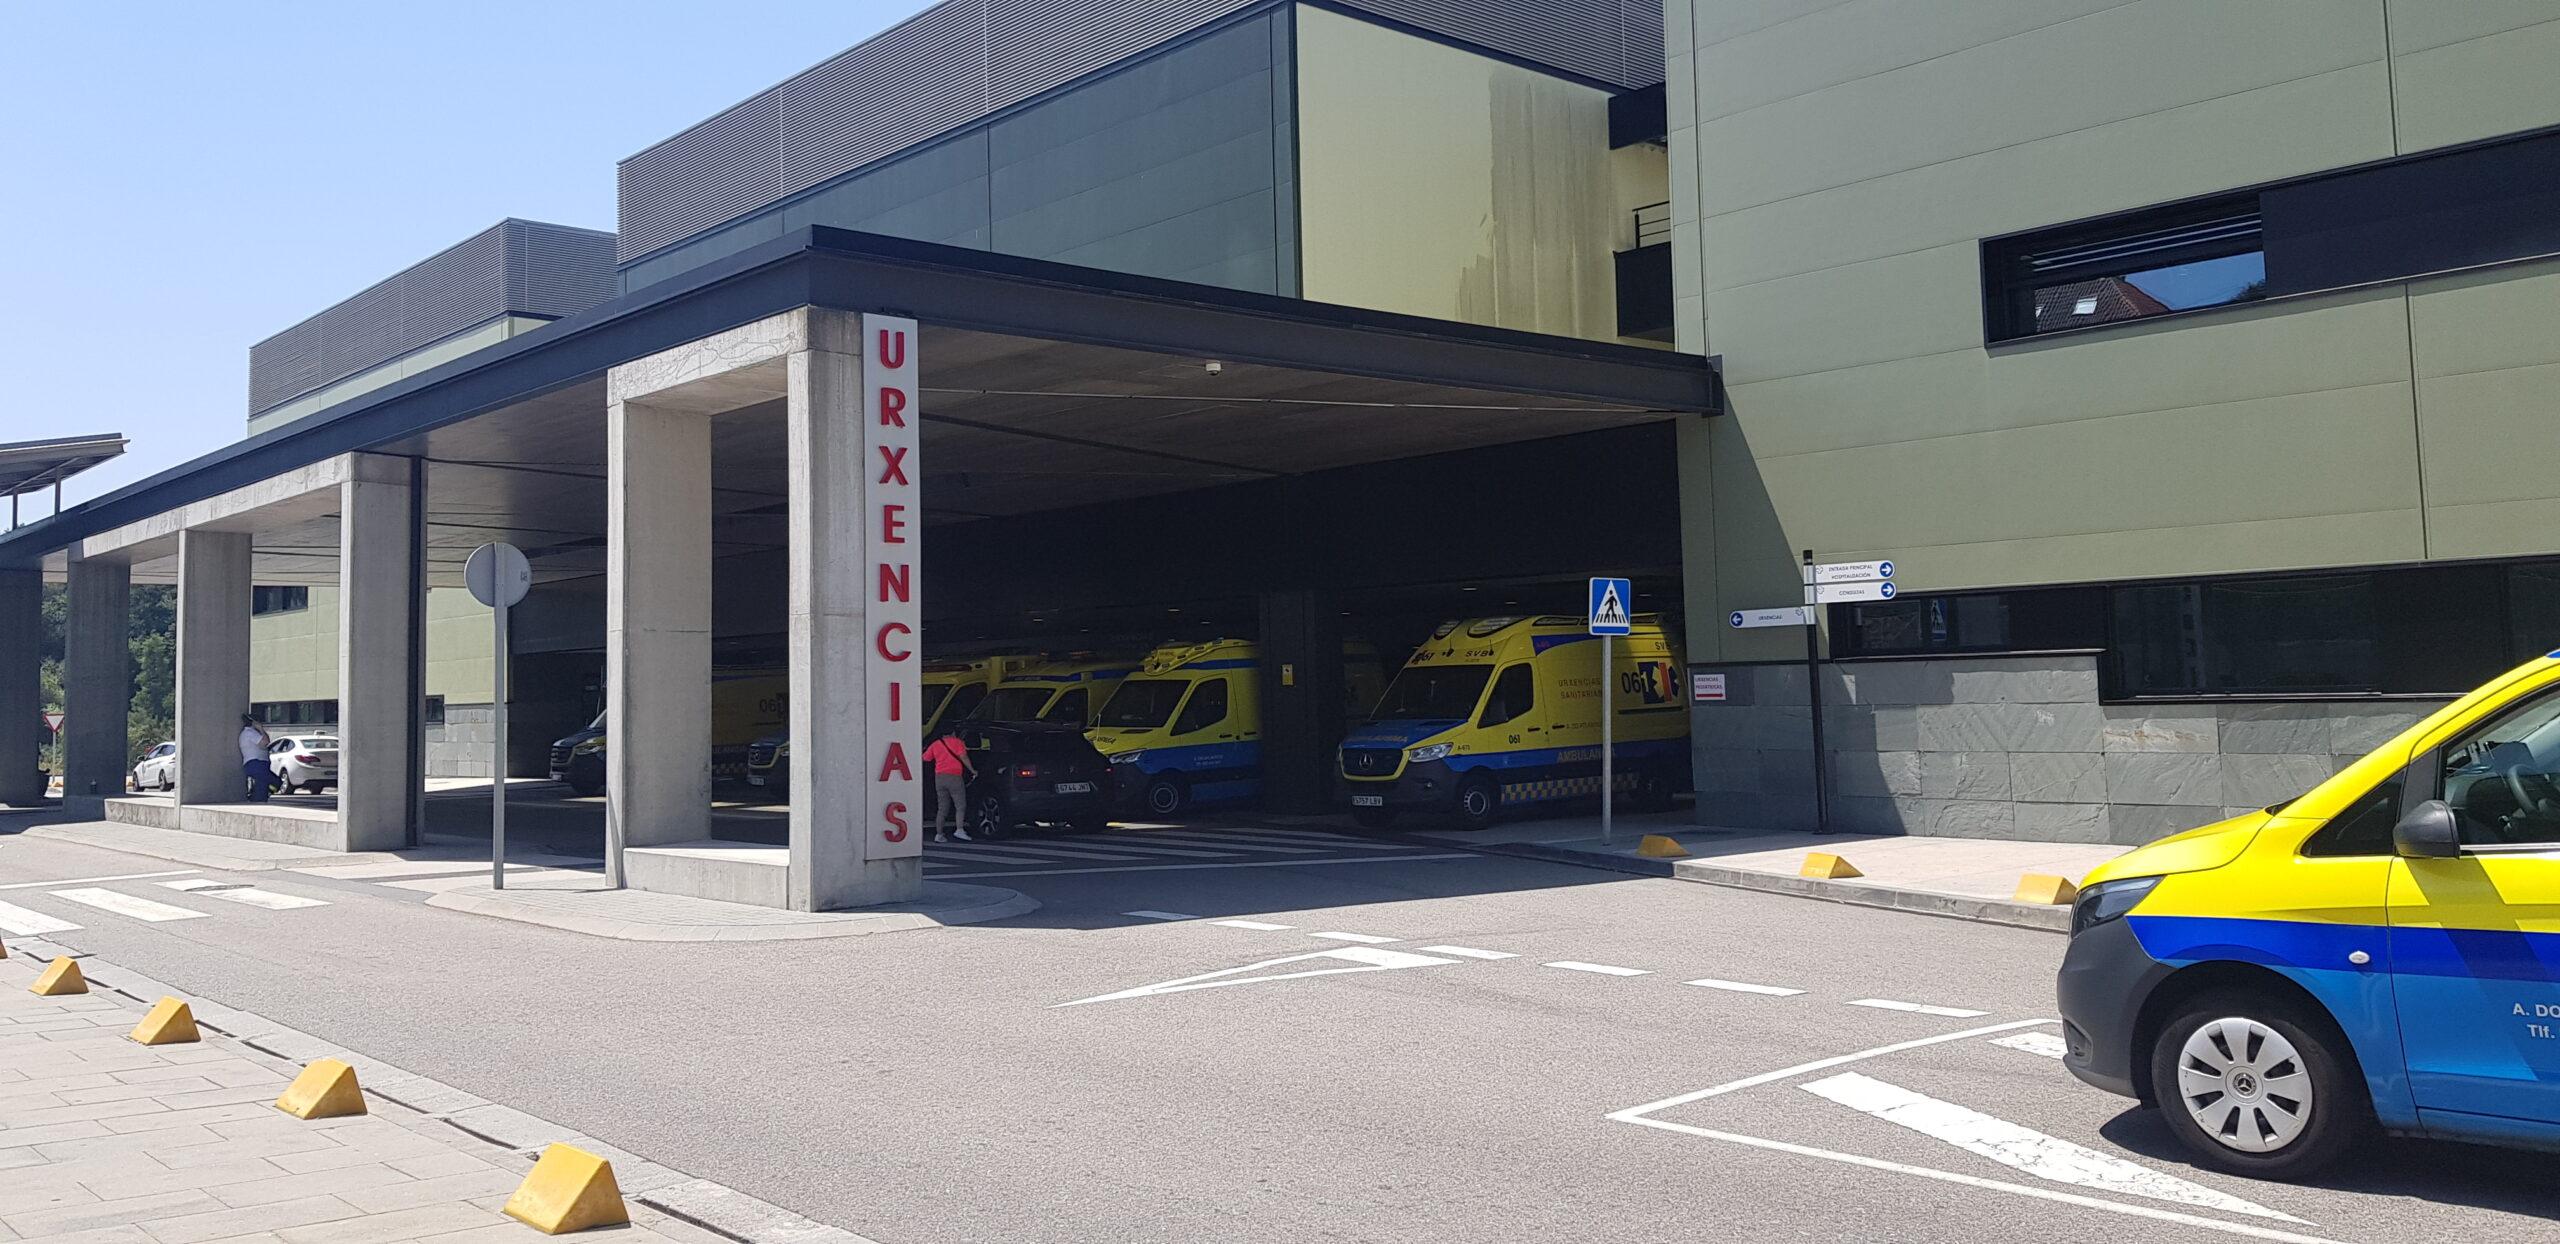 Urgencias Hospital Álvaro Cunqueiro Vigo